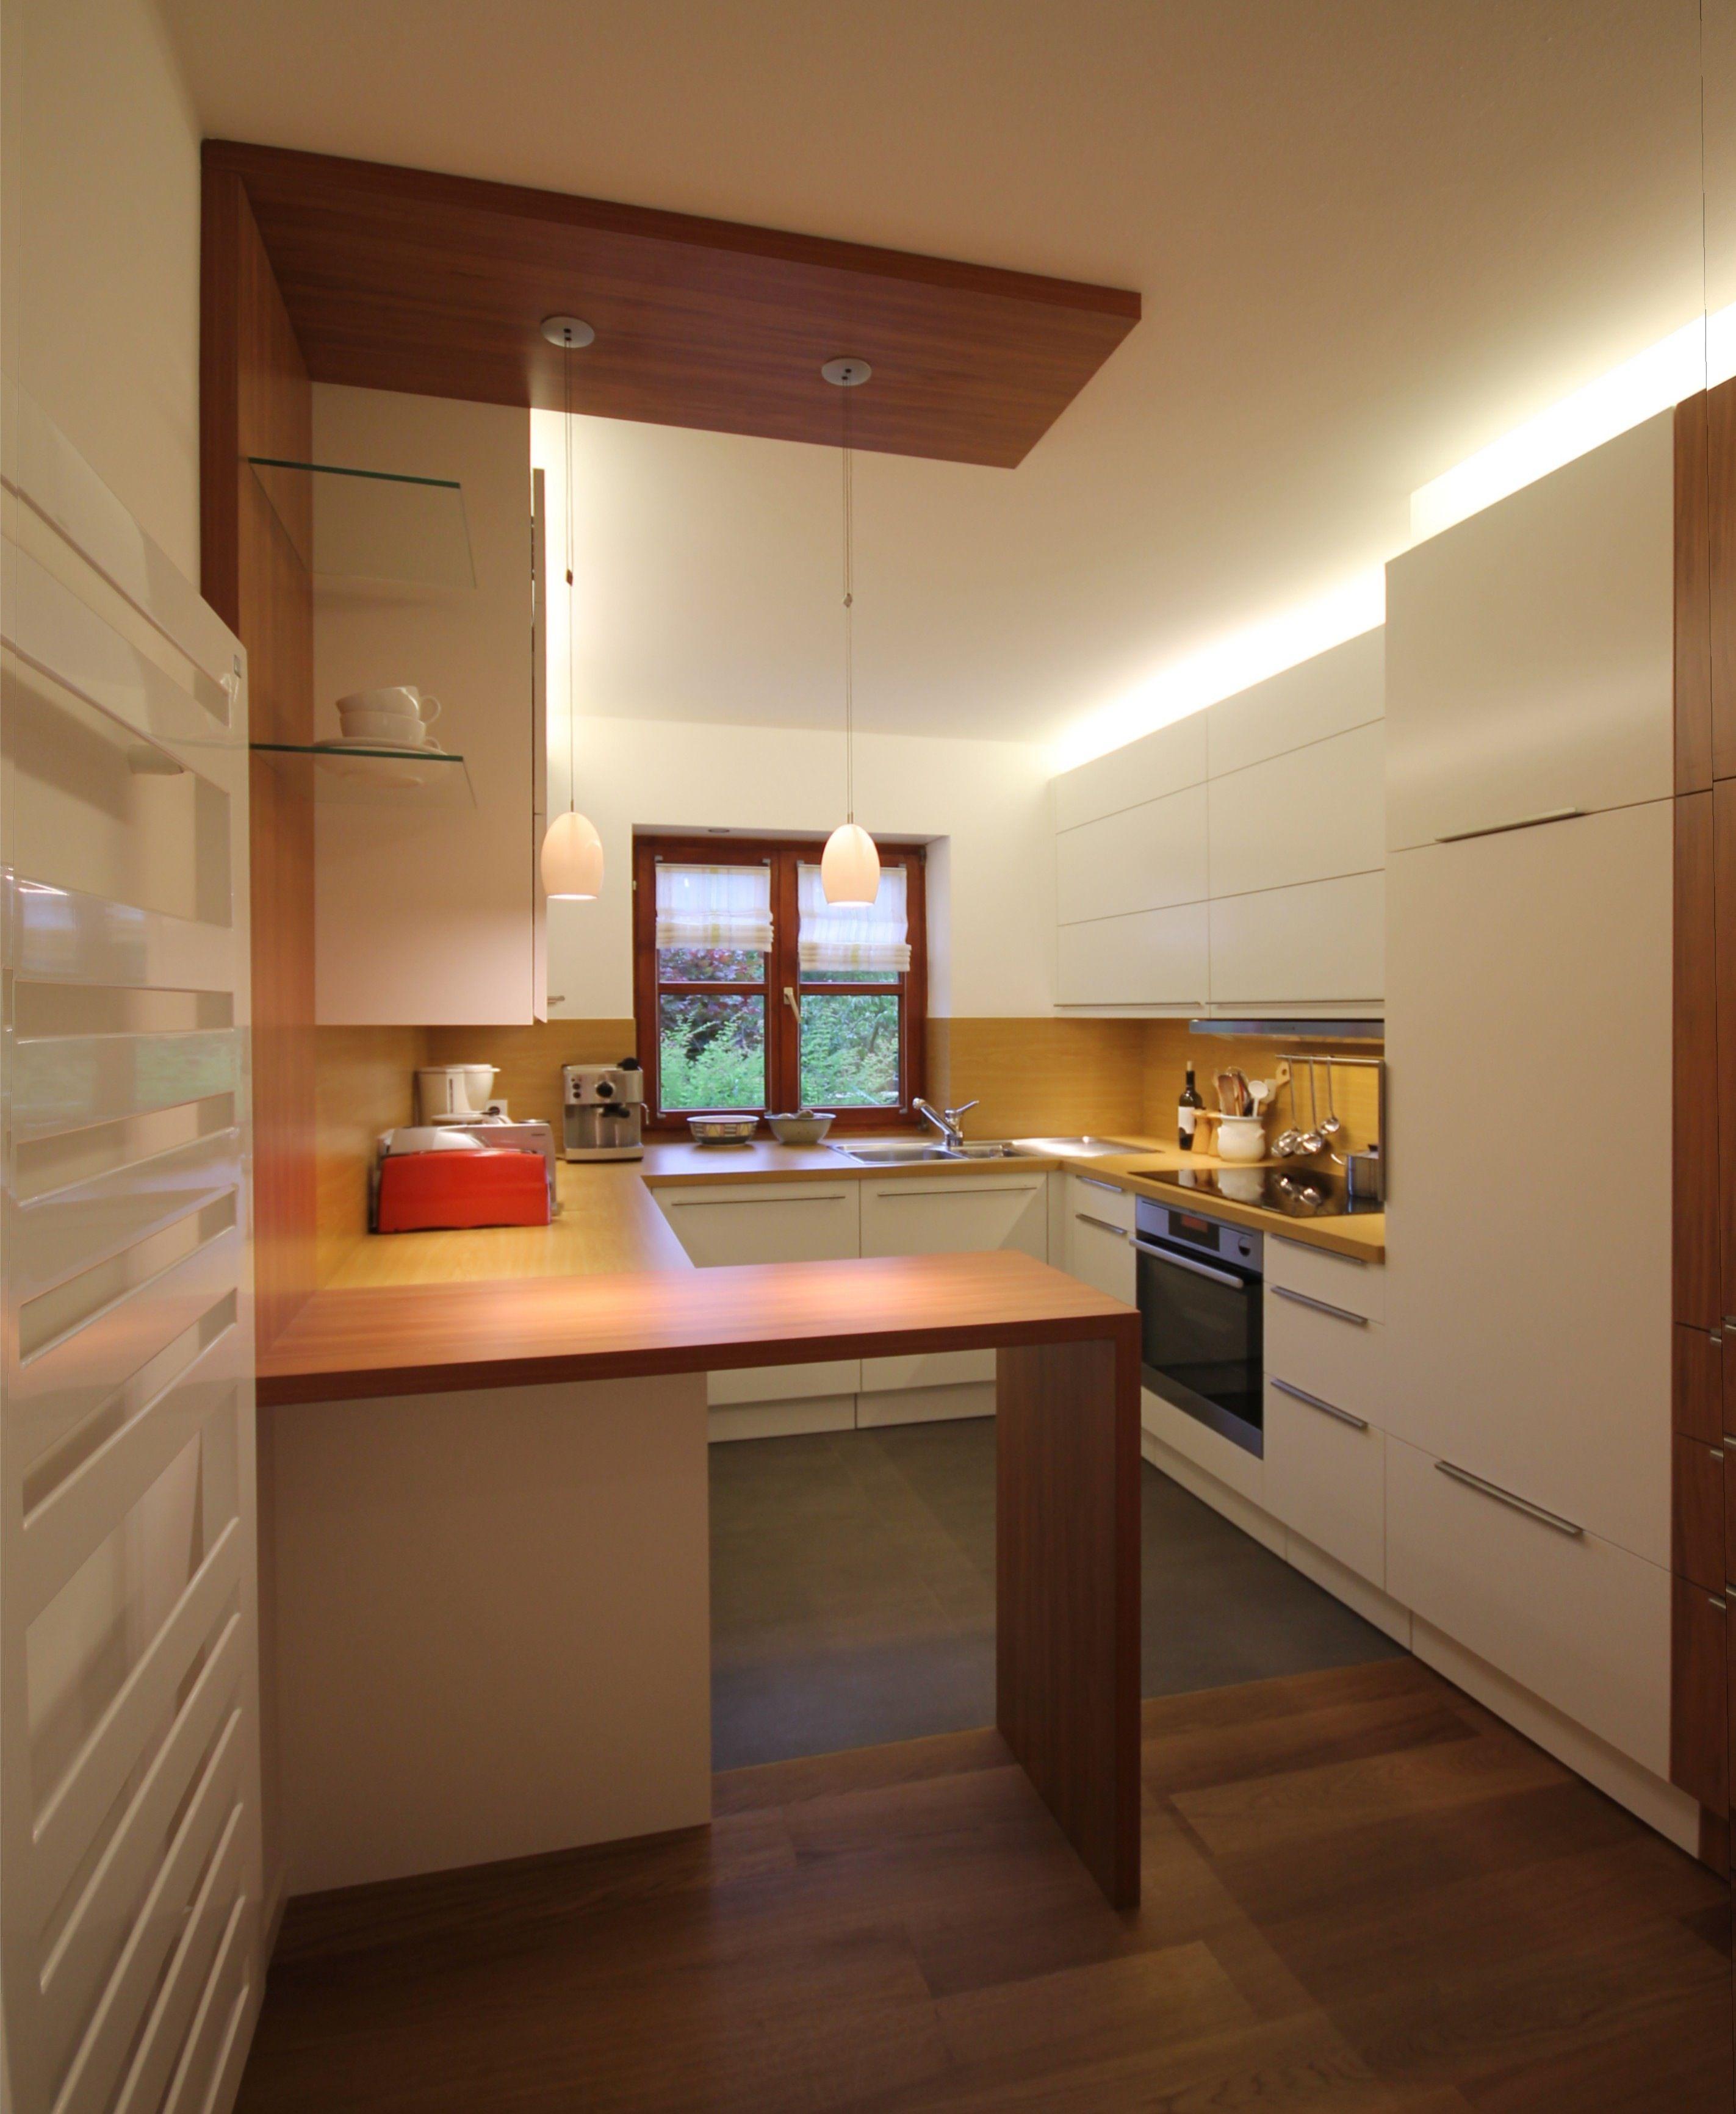 Küchentheke küchentheke innenarchitekt eswerderaum1 jpg 2845 3465